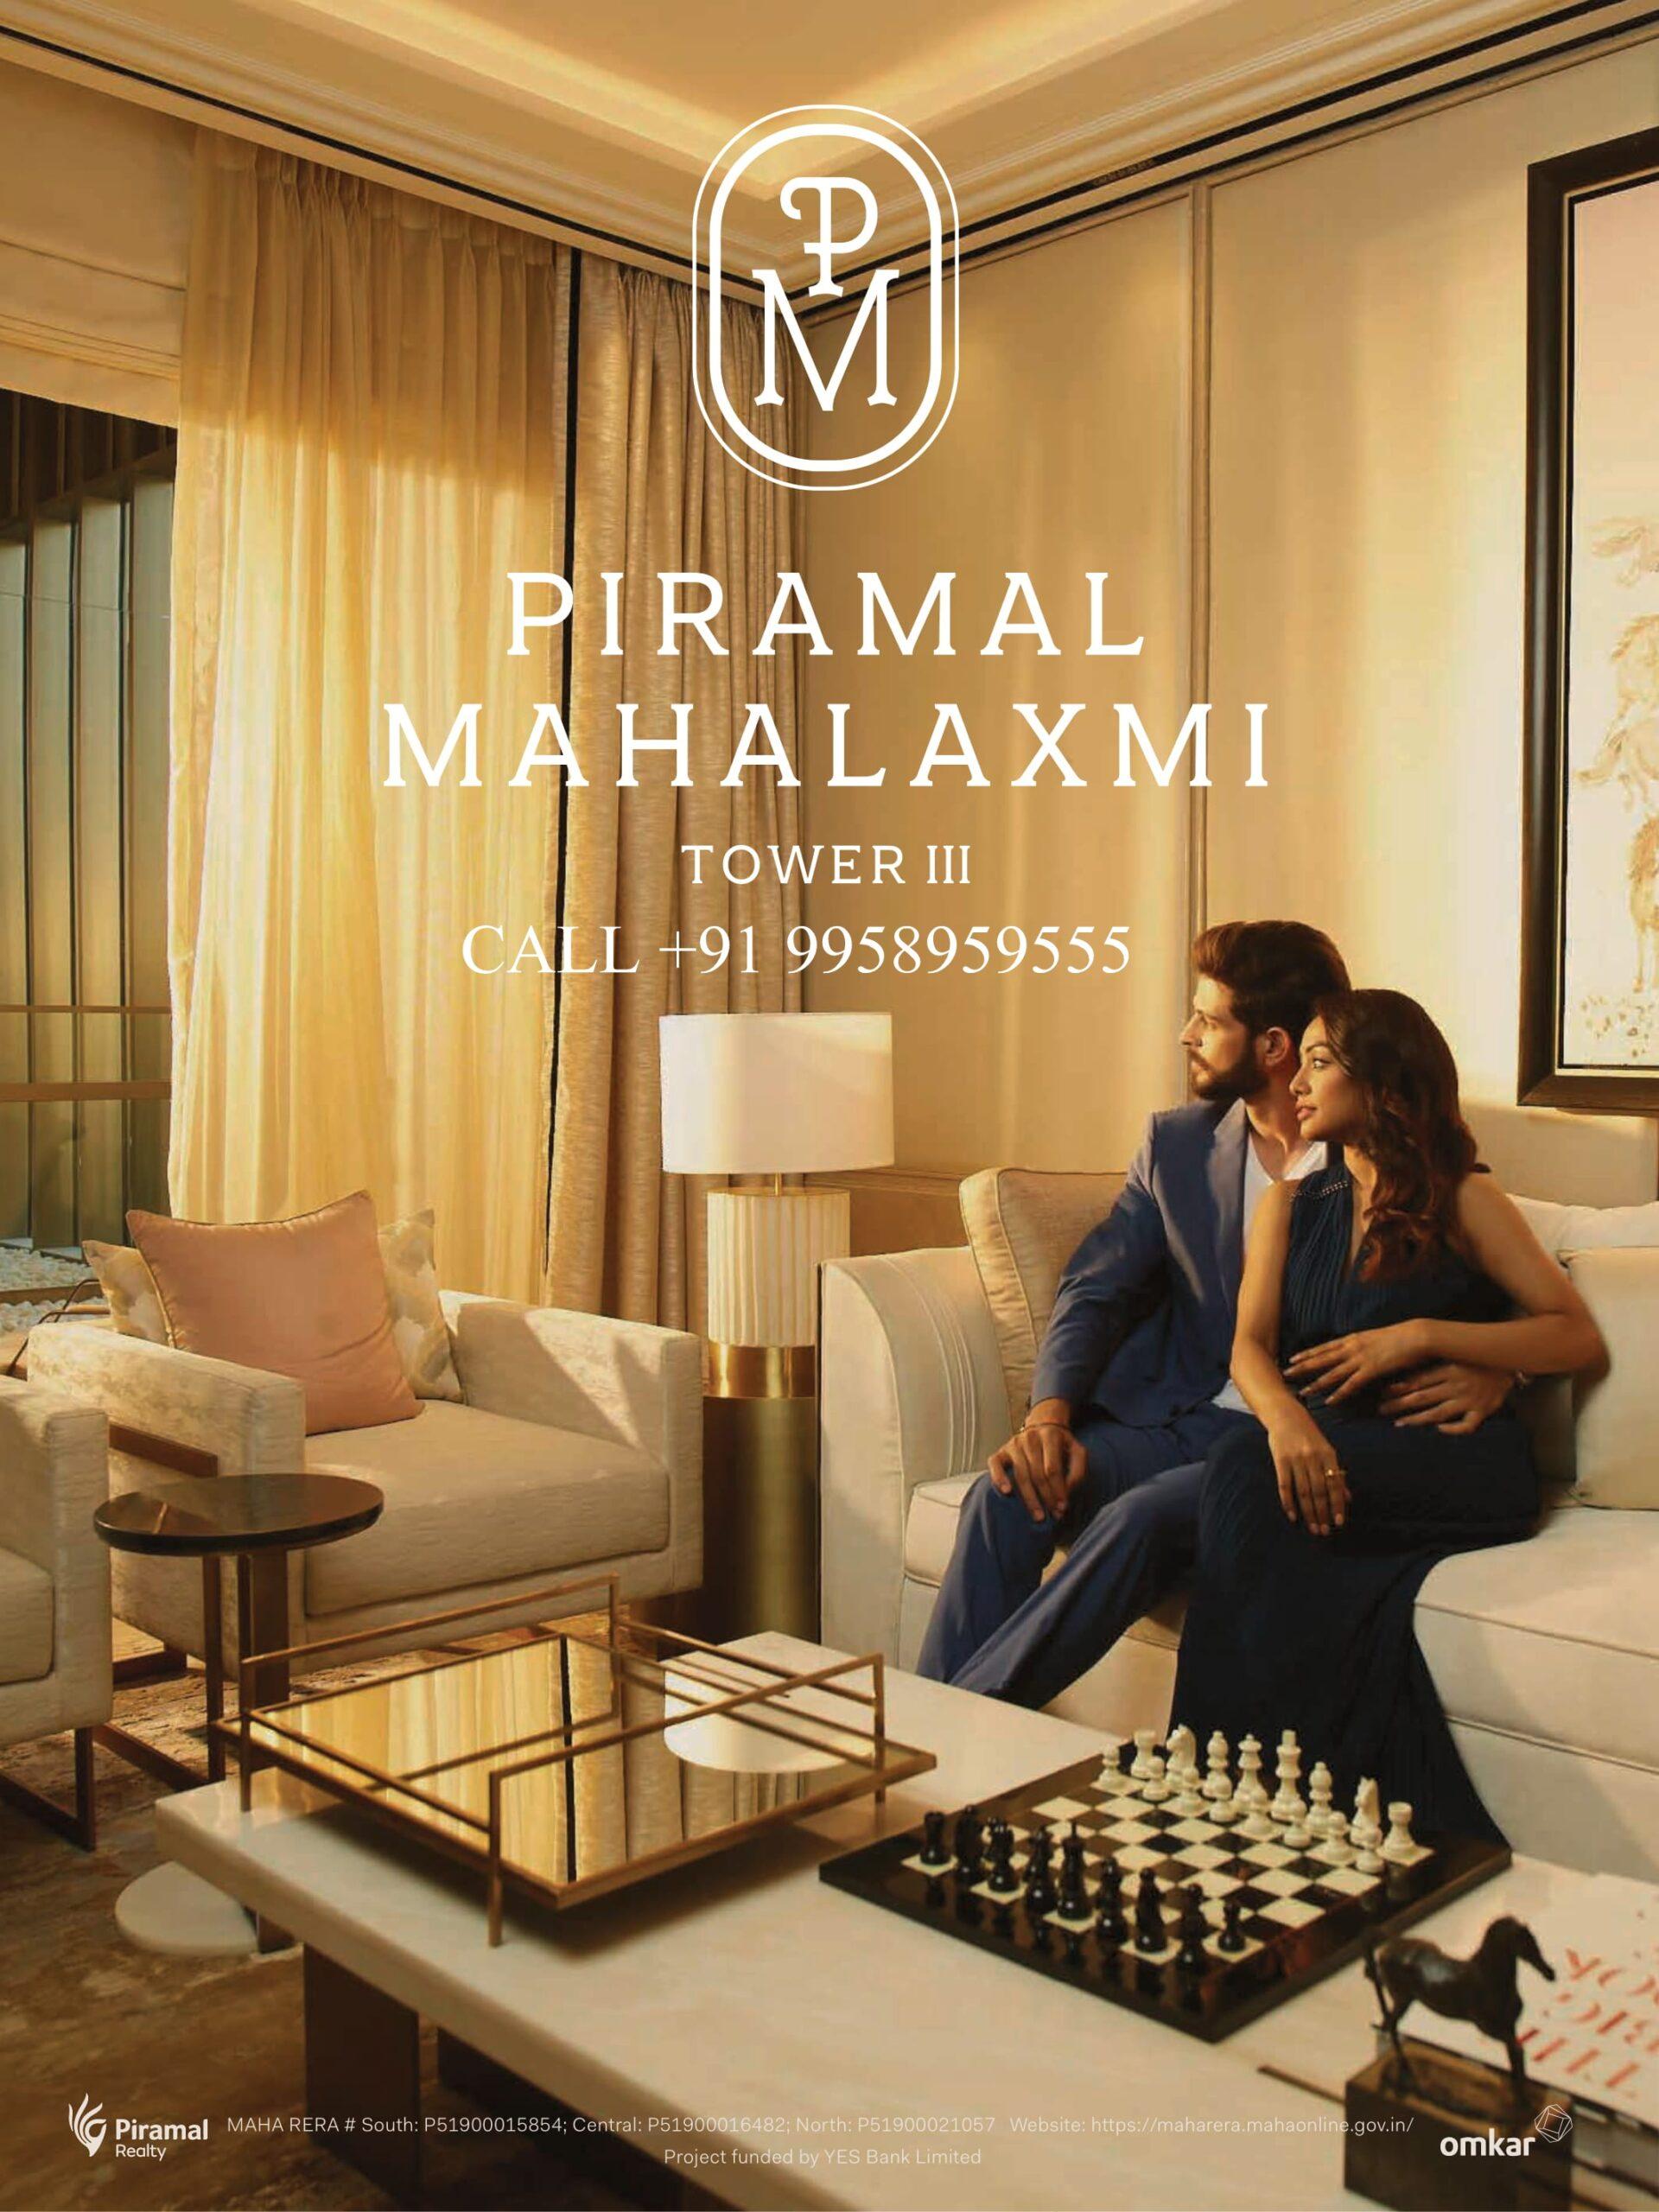 Piramal Mahalaxmi CALL +91 995 895 9555